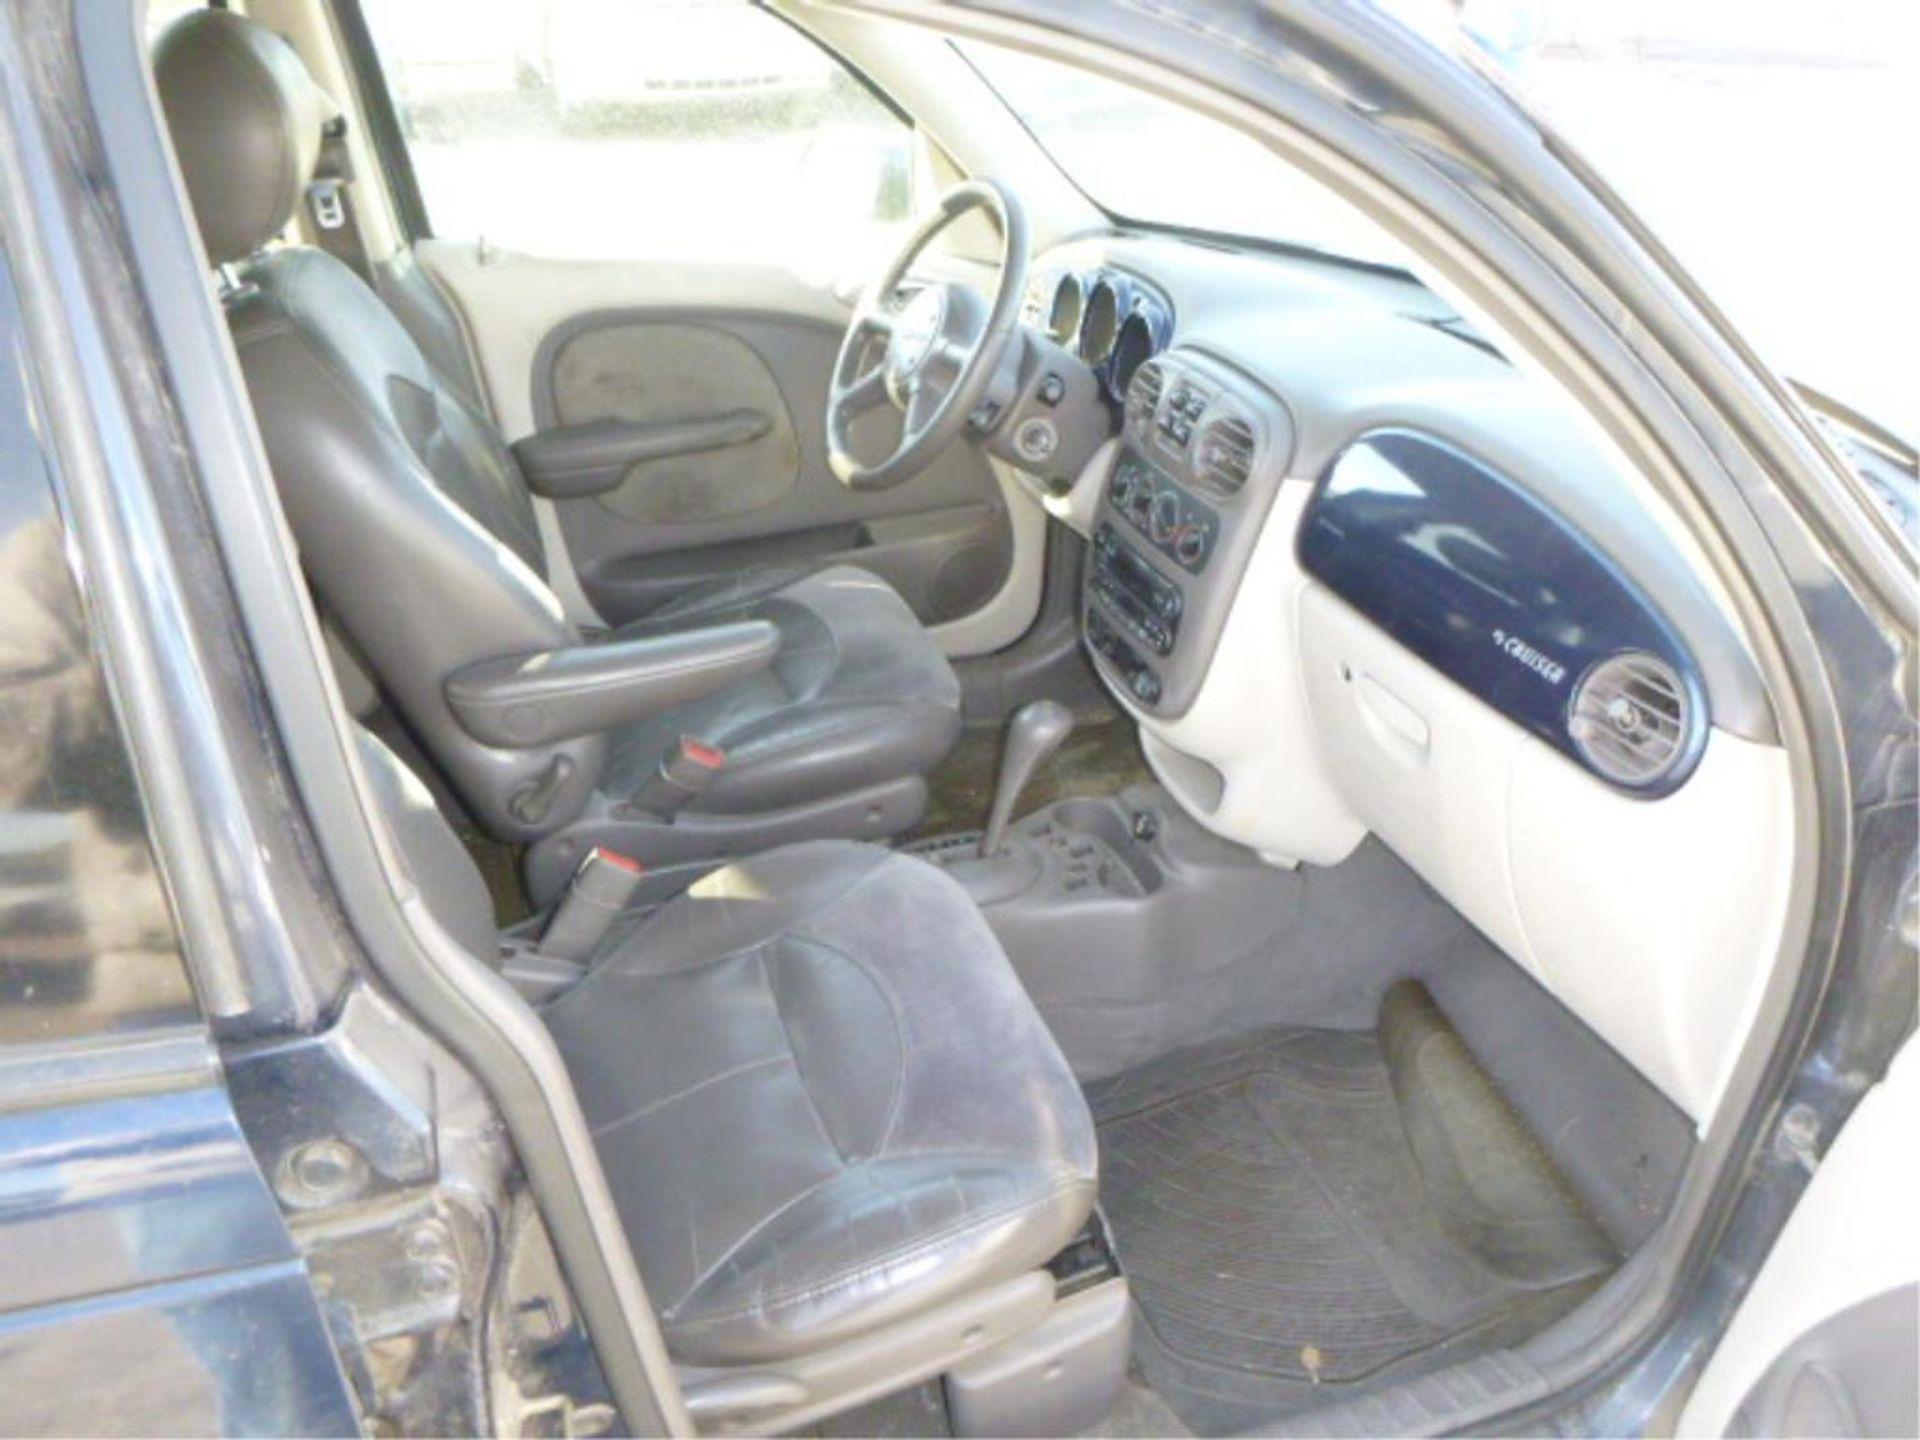 2002 Chrysler PT Cruiser - Image 8 of 14